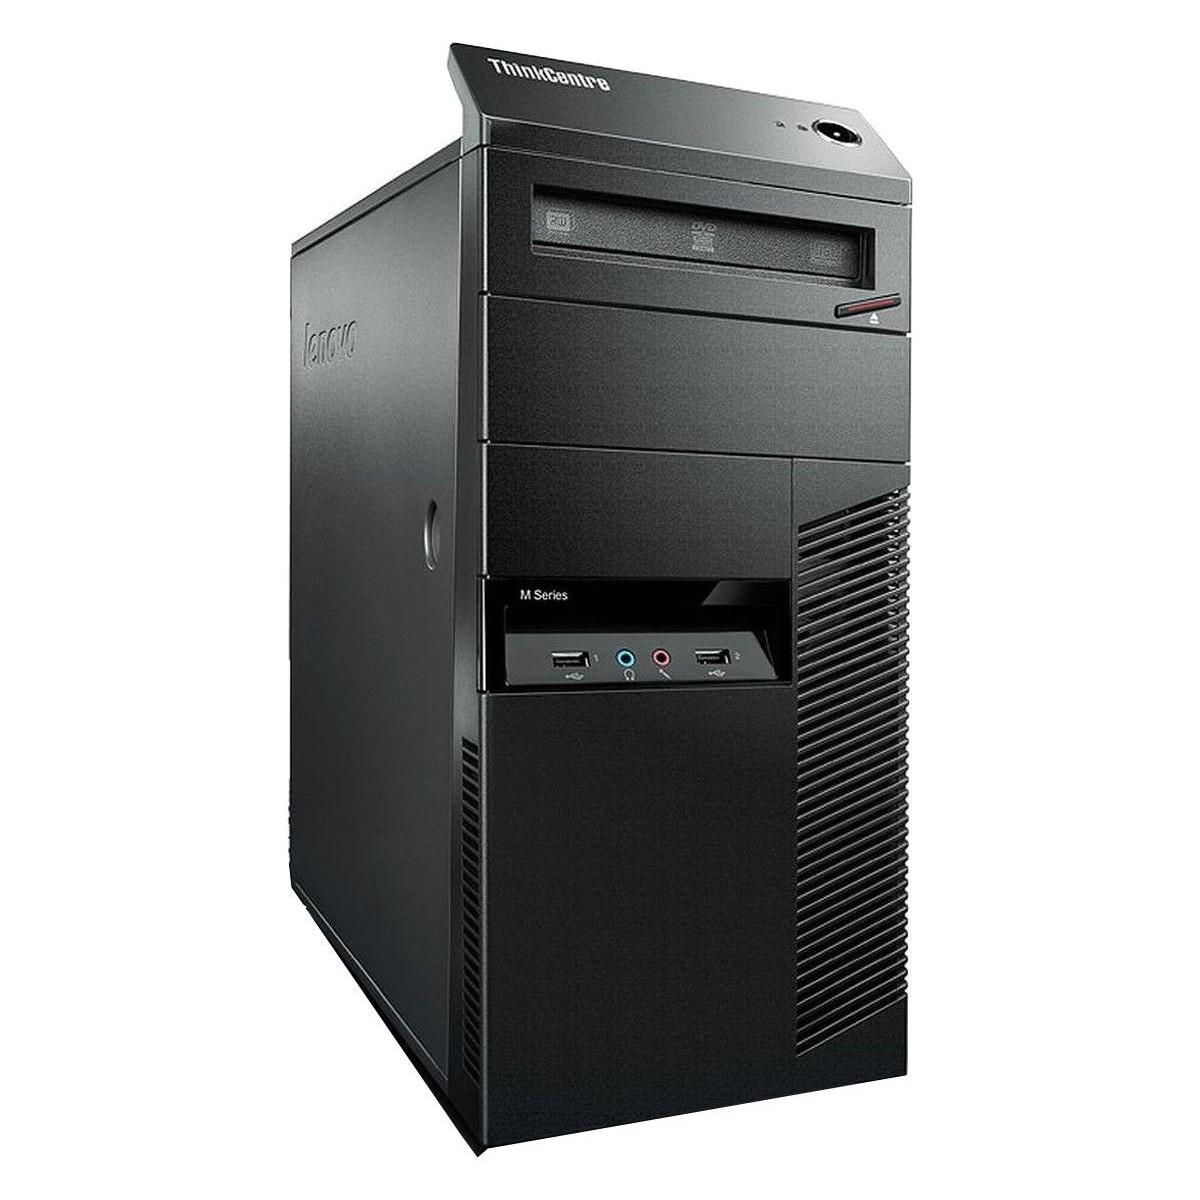 LENOVO M92p 3.30 i5 3550 4GB 120GB SSD WIN7 PRO